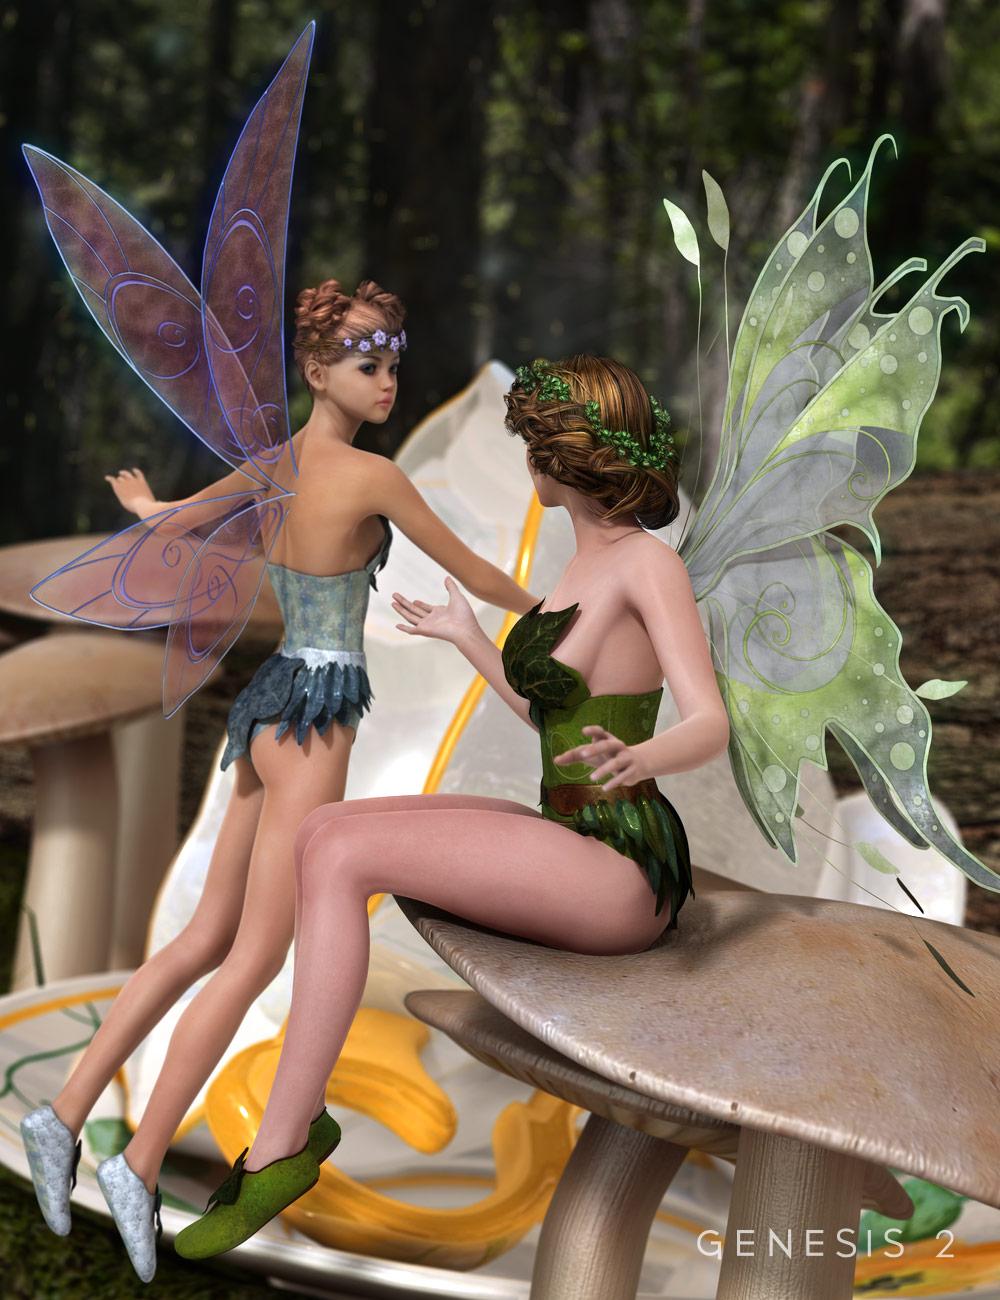 Fluttery Wings for Genesis 2 Female(s) by: Barbara BrundonSarsa, 3D Models by Daz 3D